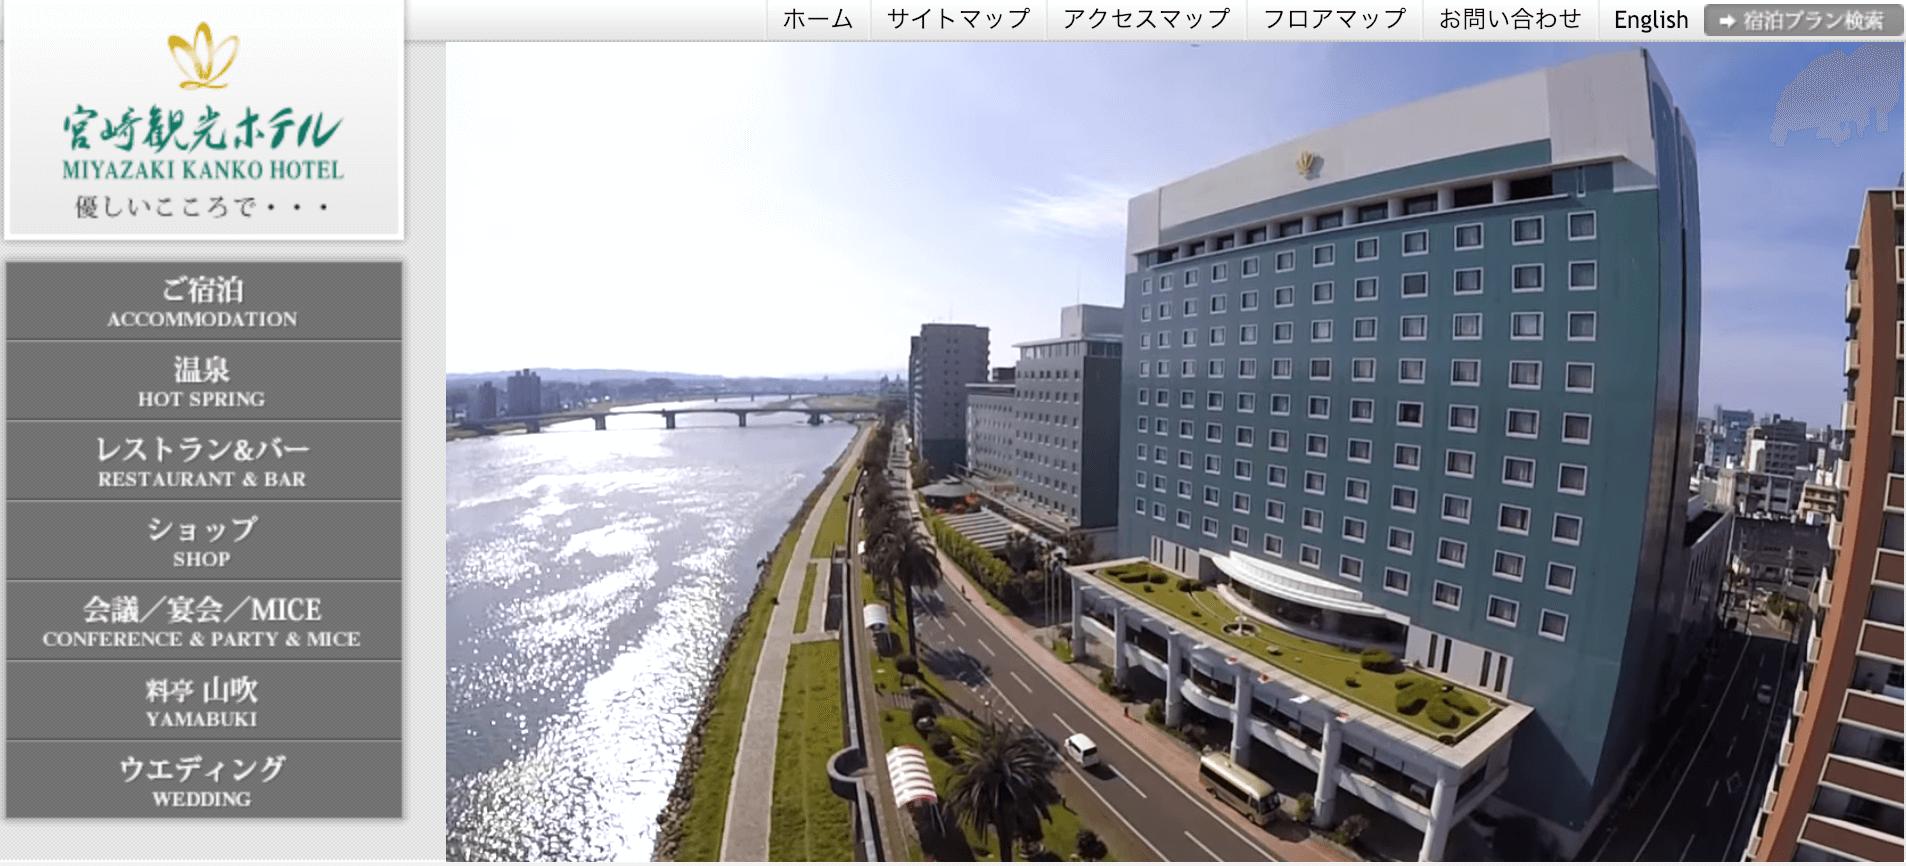 宮崎でパパ活におすすめなホテル「宮崎観光ホテル」